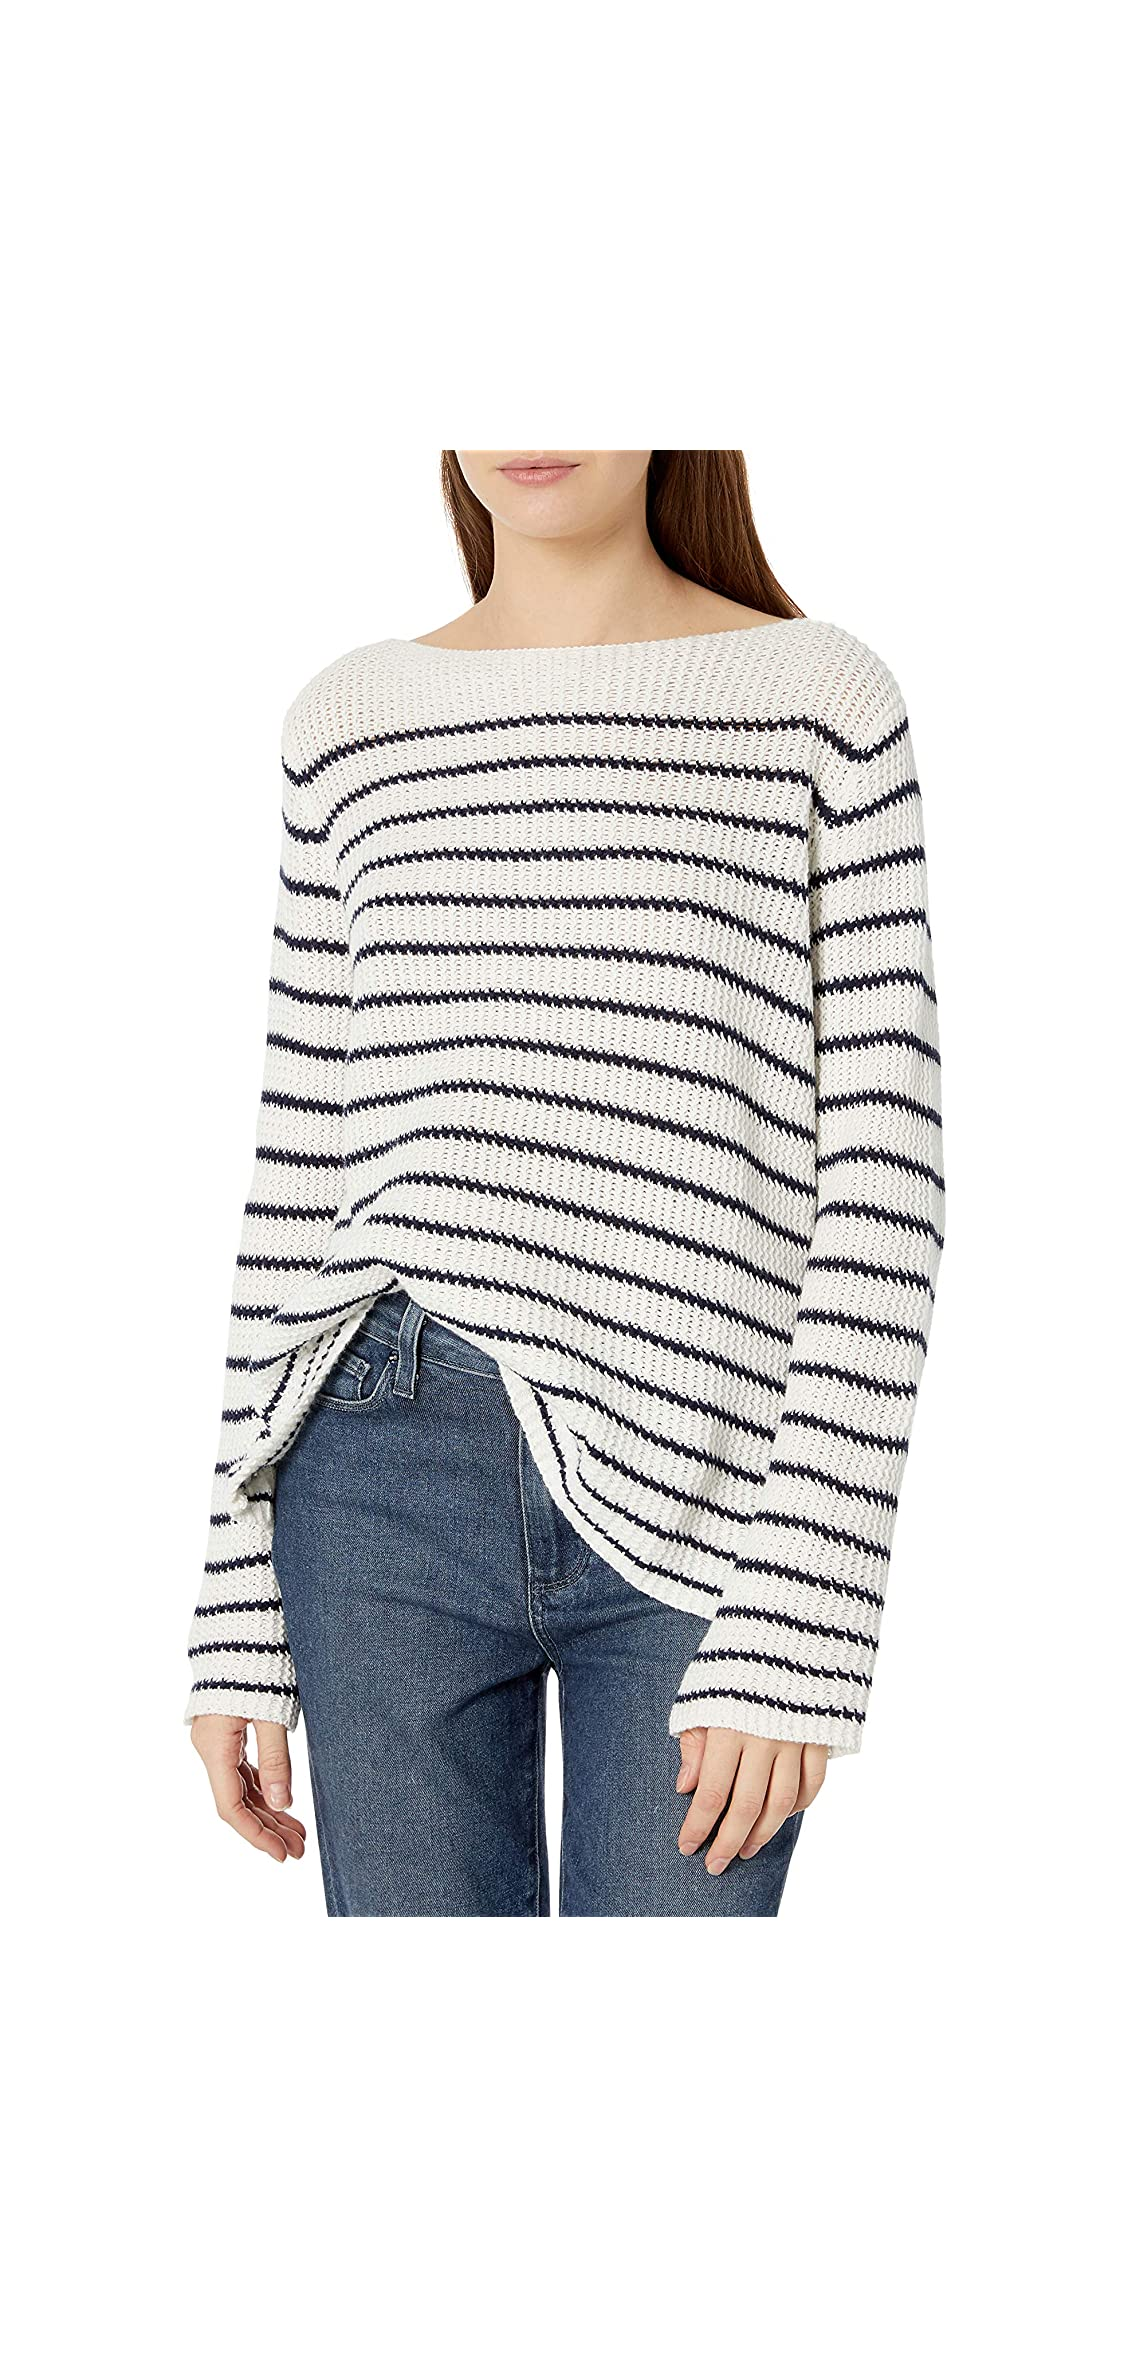 Women's Boat Neck Striped Sweater